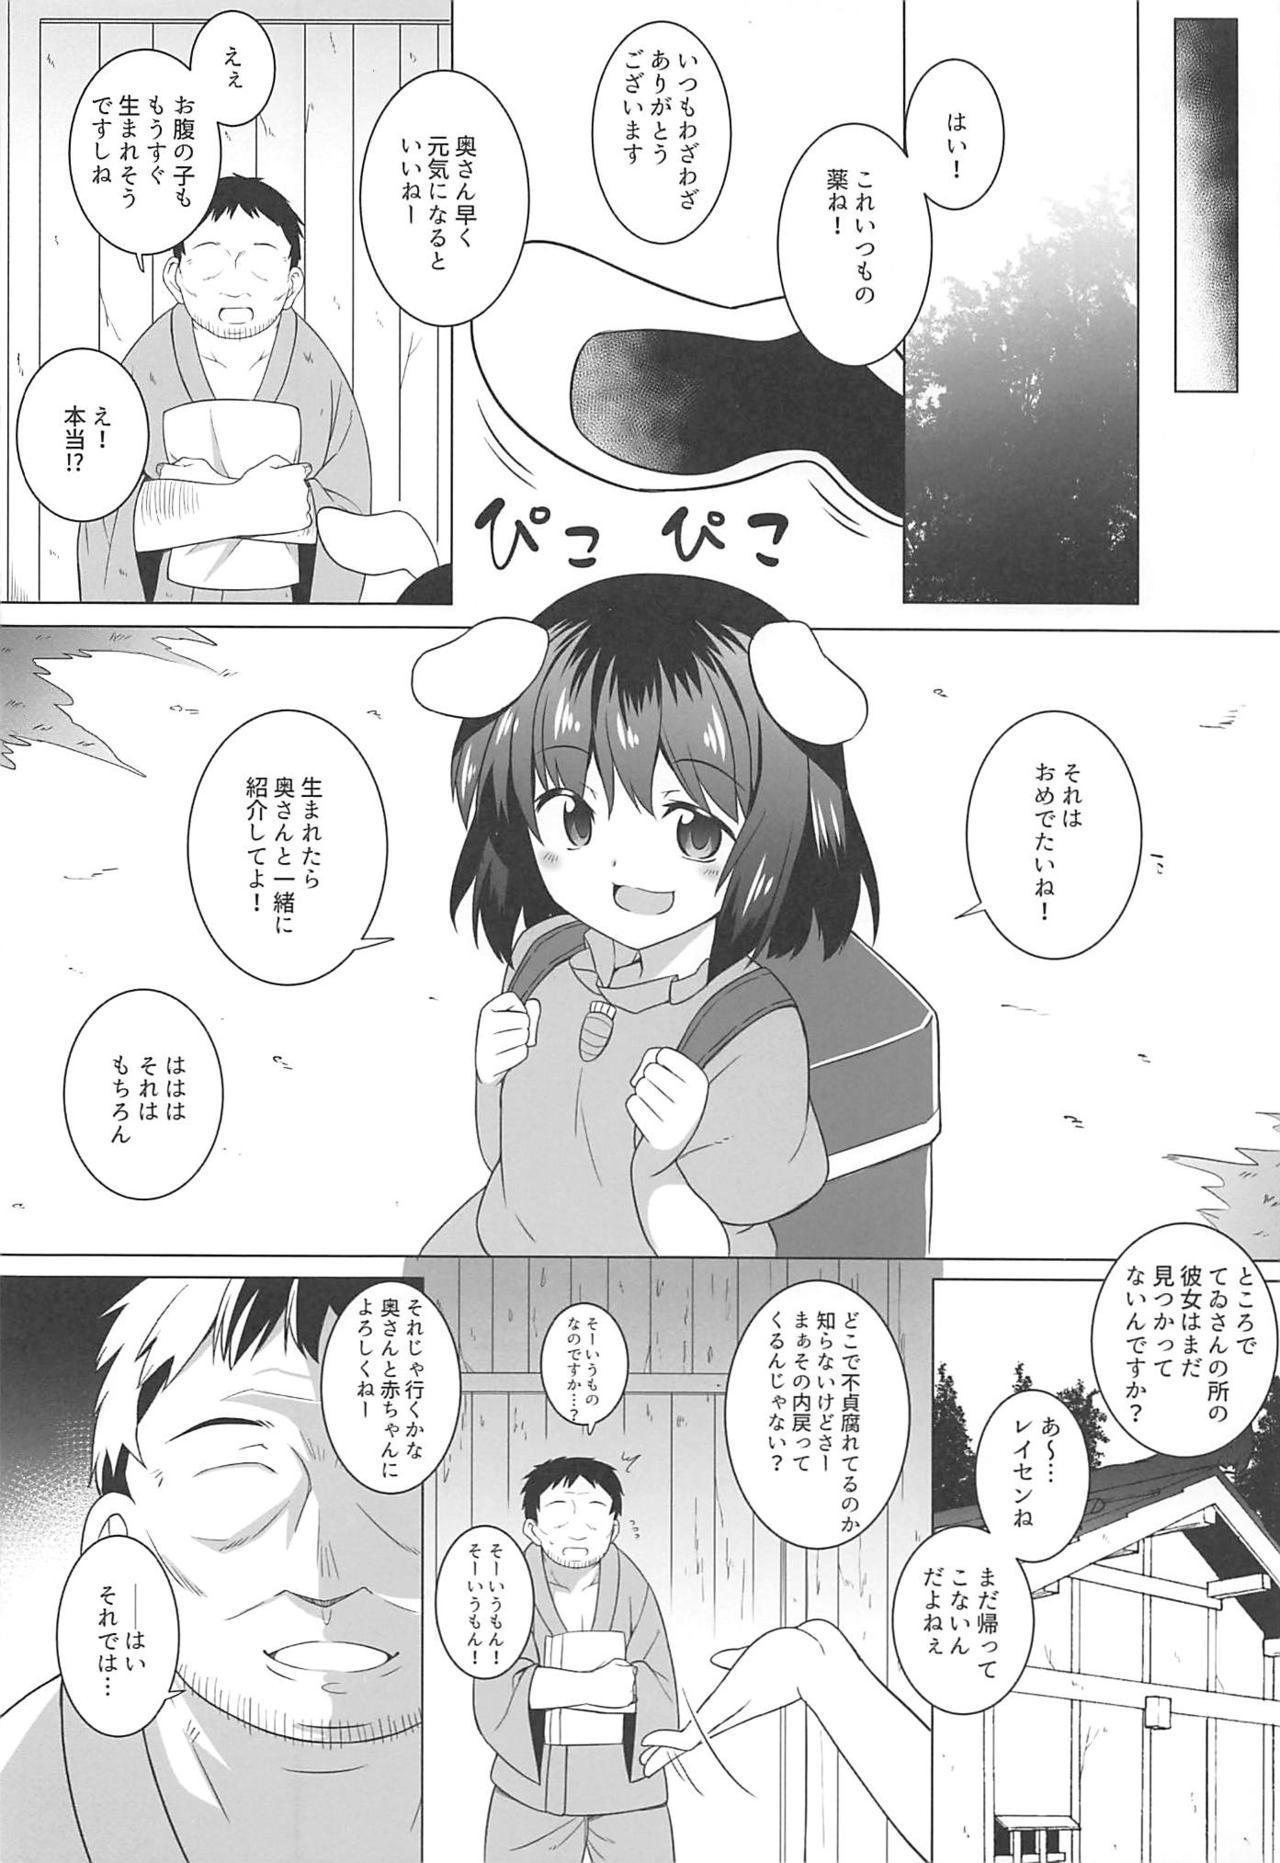 Tsukito Haramiki Udonge Kankin Haramase 16